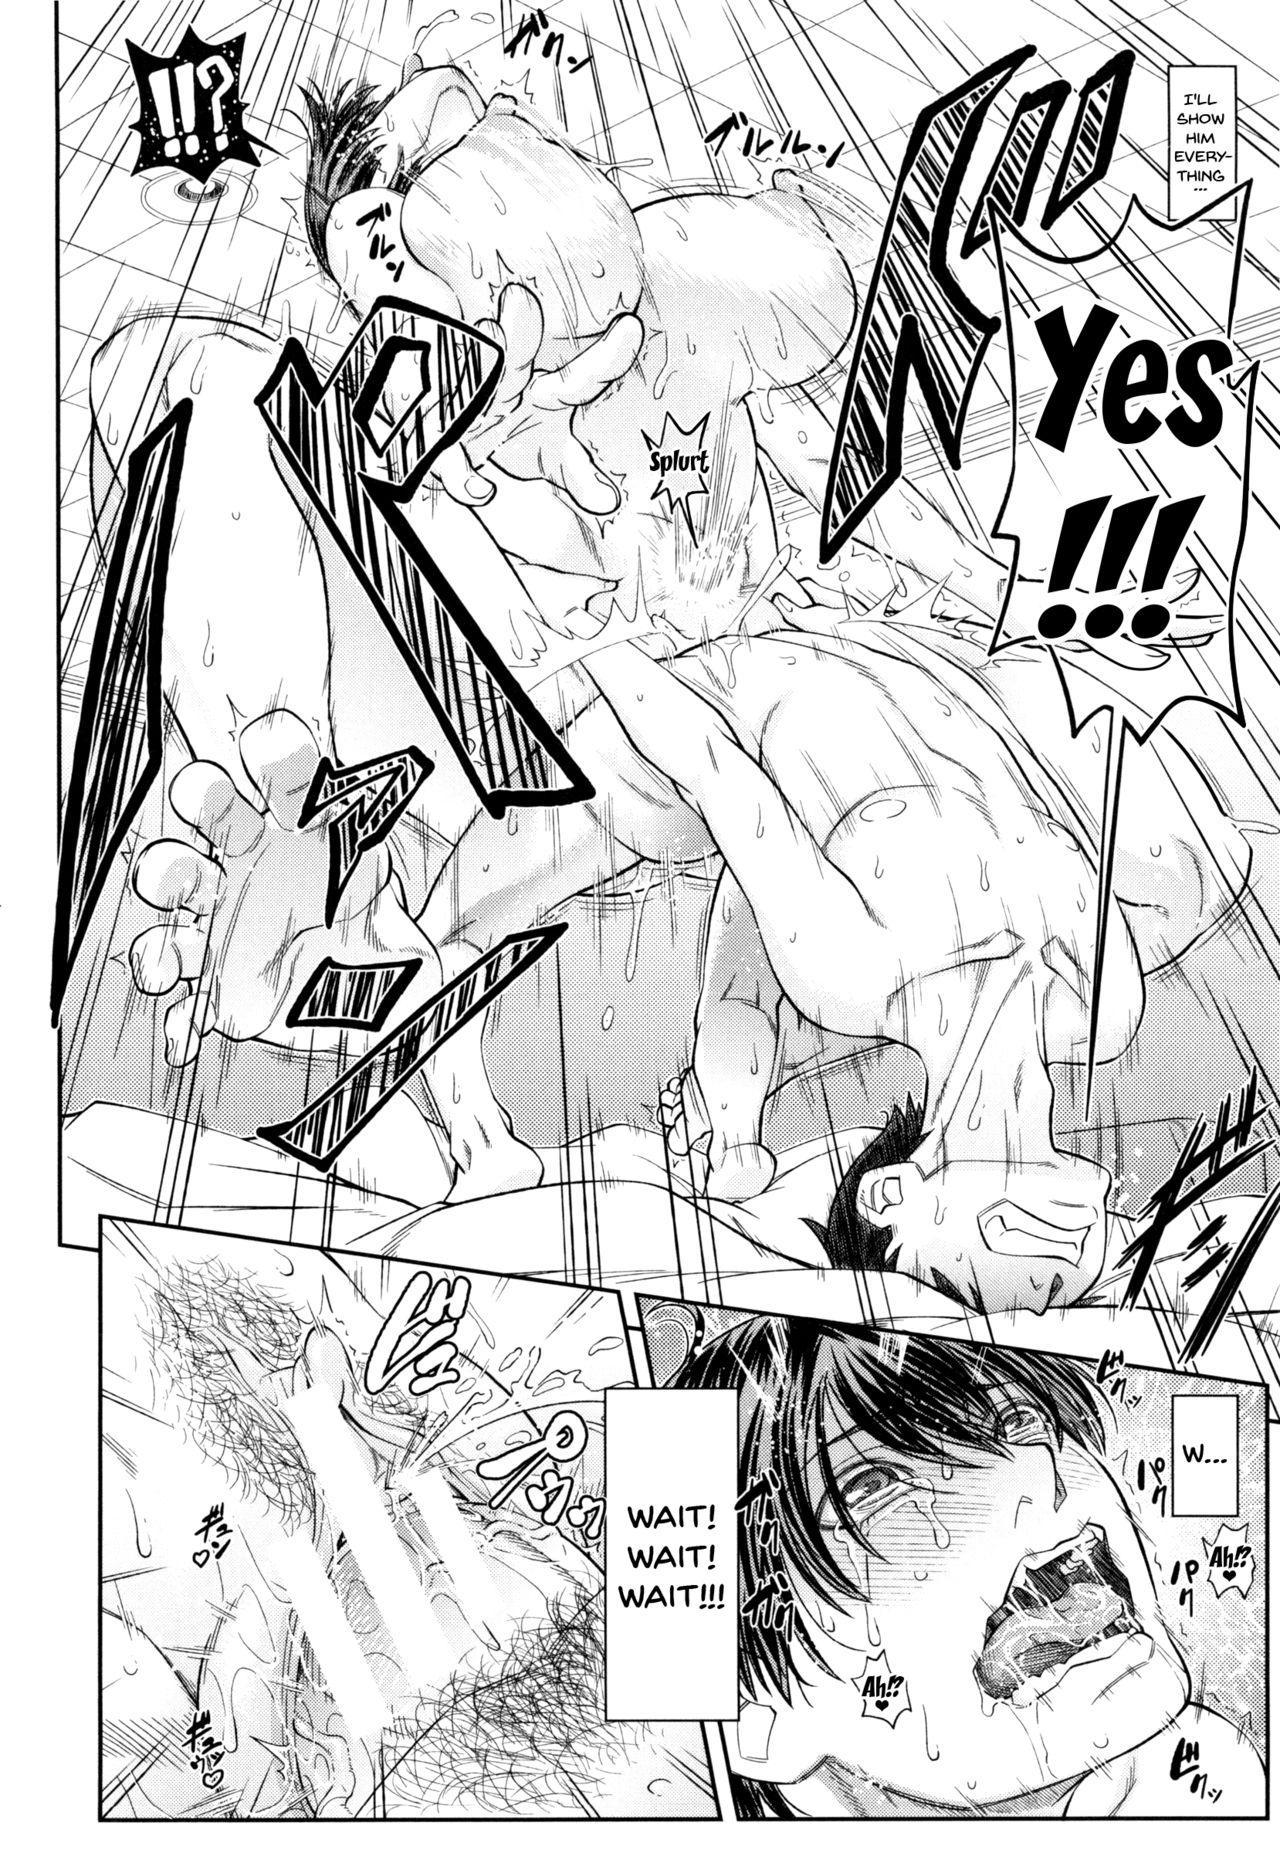 Watashi ga Toriko ni Natte Yaru | I Became A Sex Slave 184